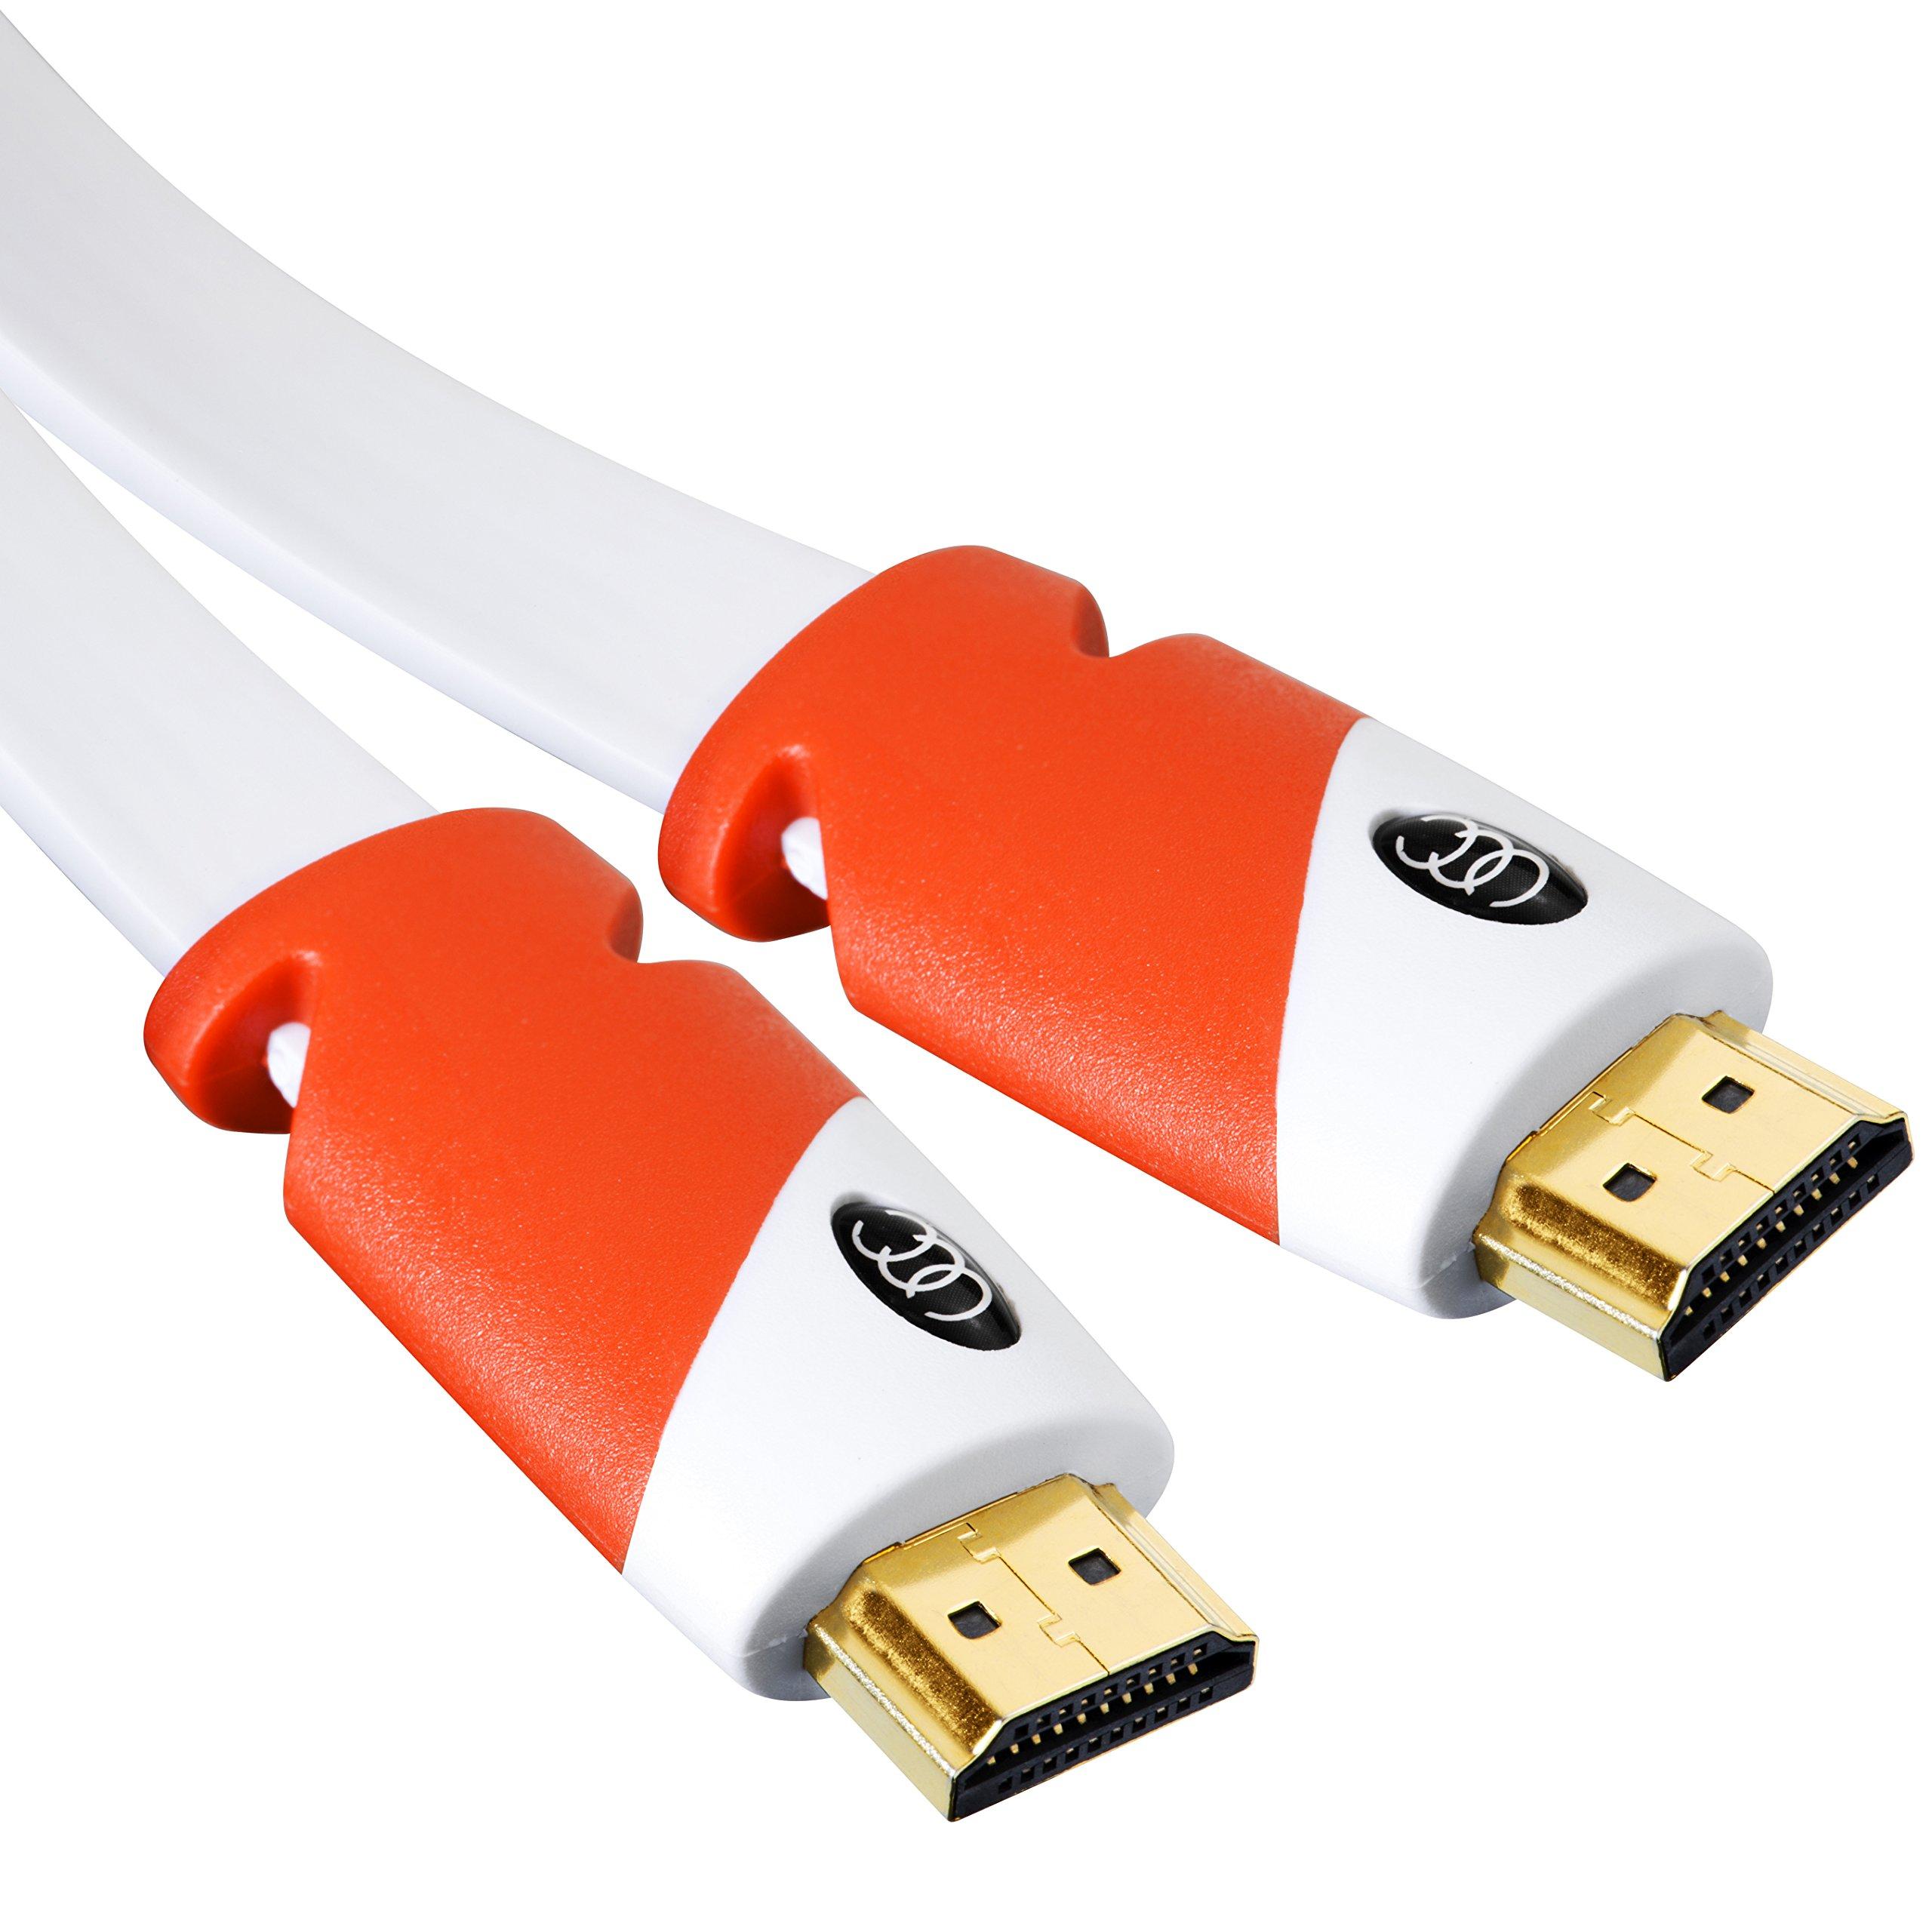 Cable HDMI plano de 40 pies - Cable HDMI de alta velocidad - Admite, video 4K a 60 Hz, 3D, 2160p - Estándar más reciente